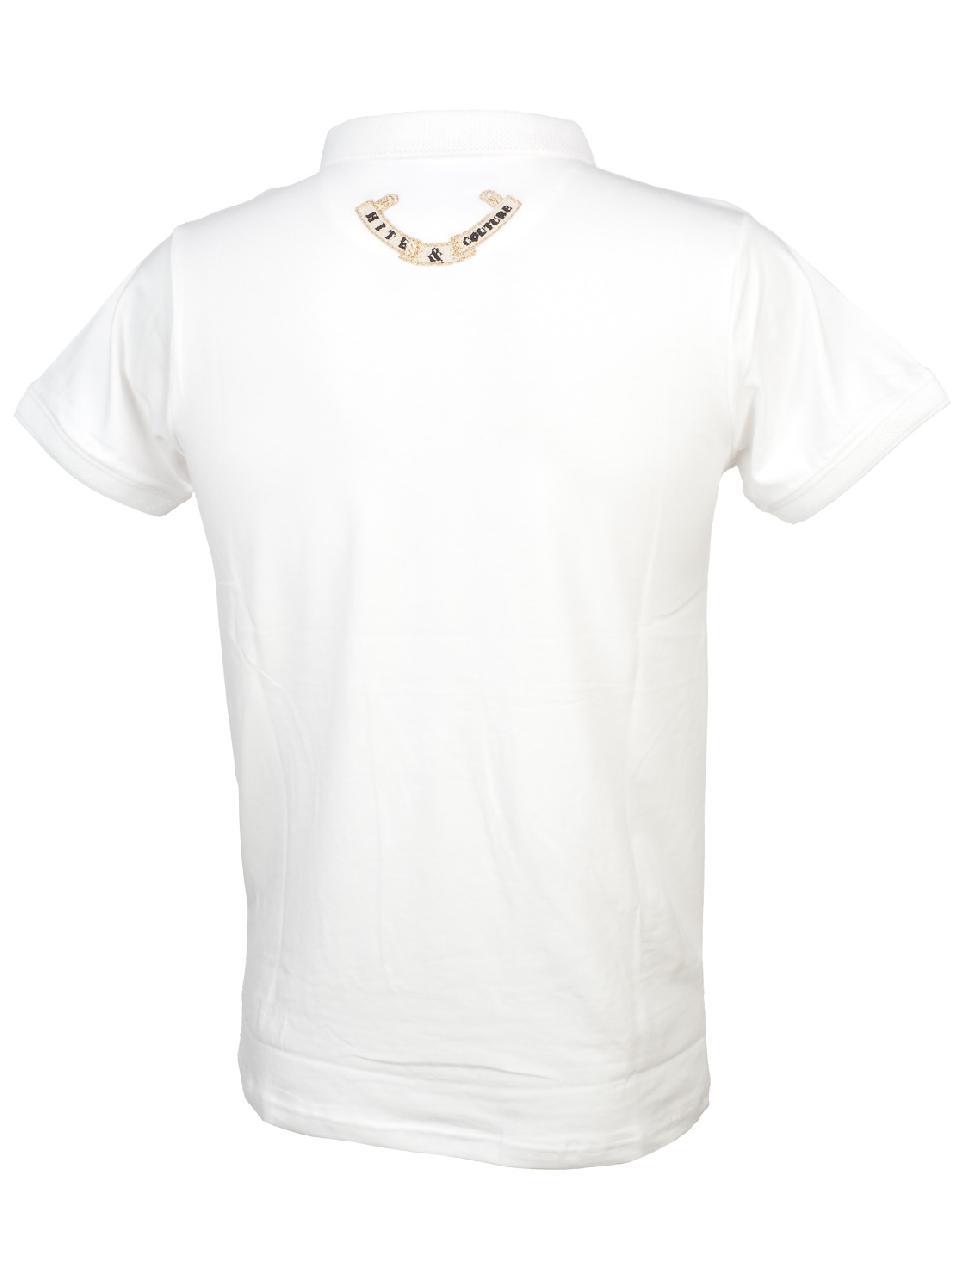 Short-Sleeve-Polo-Hite-Couture-Pamiler-White-Mc-Polo-White-11569-New thumbnail 5